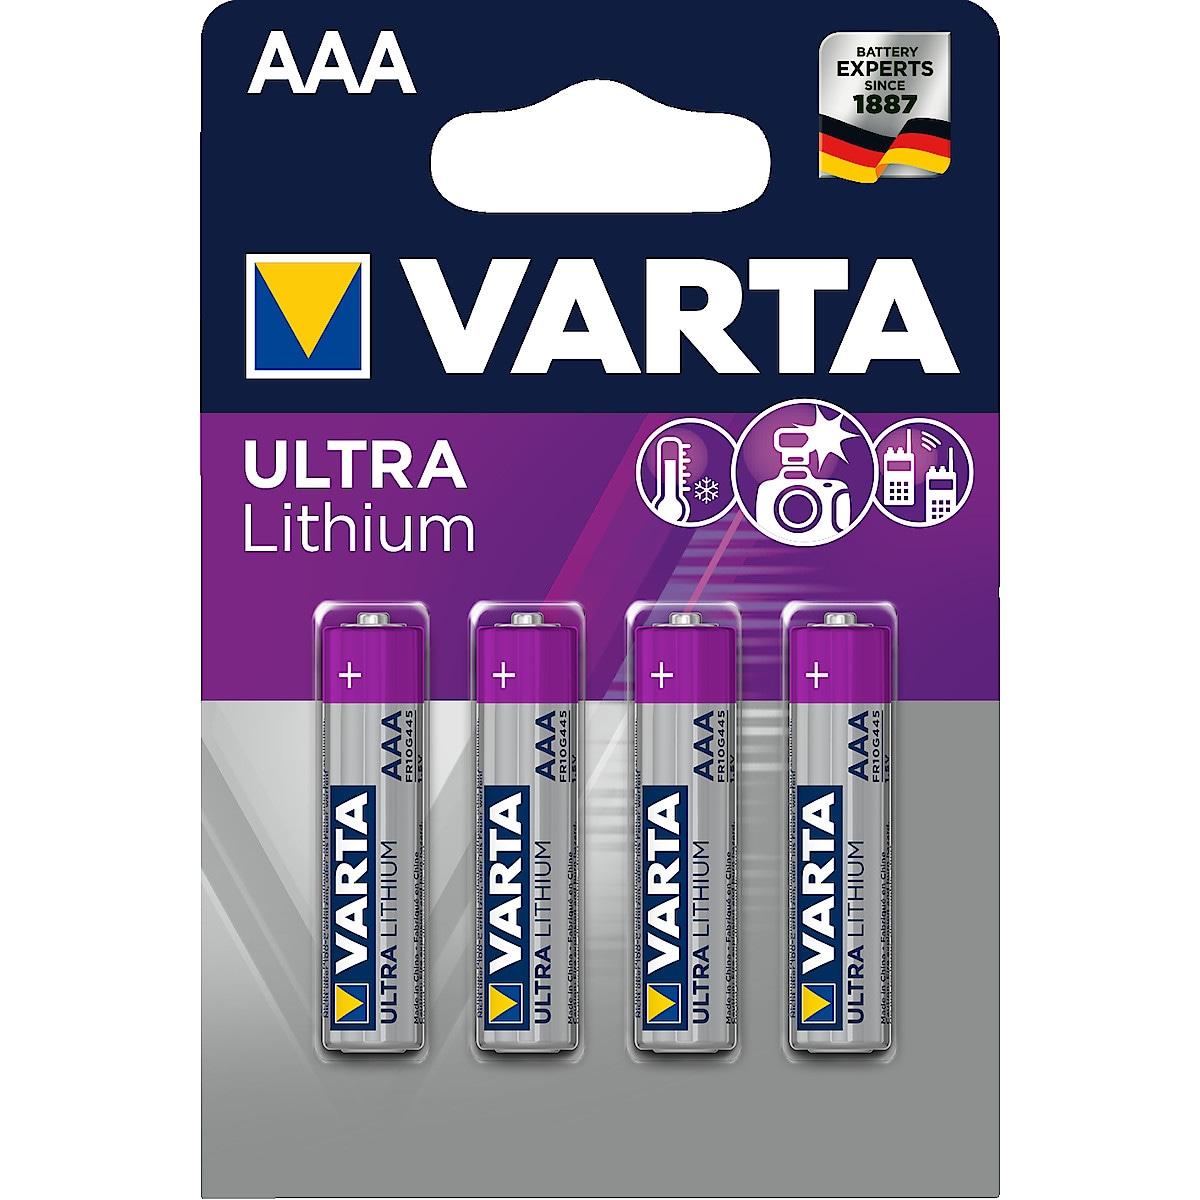 Litiumbatteri AAA/FR03 Varta Ultra Lithium